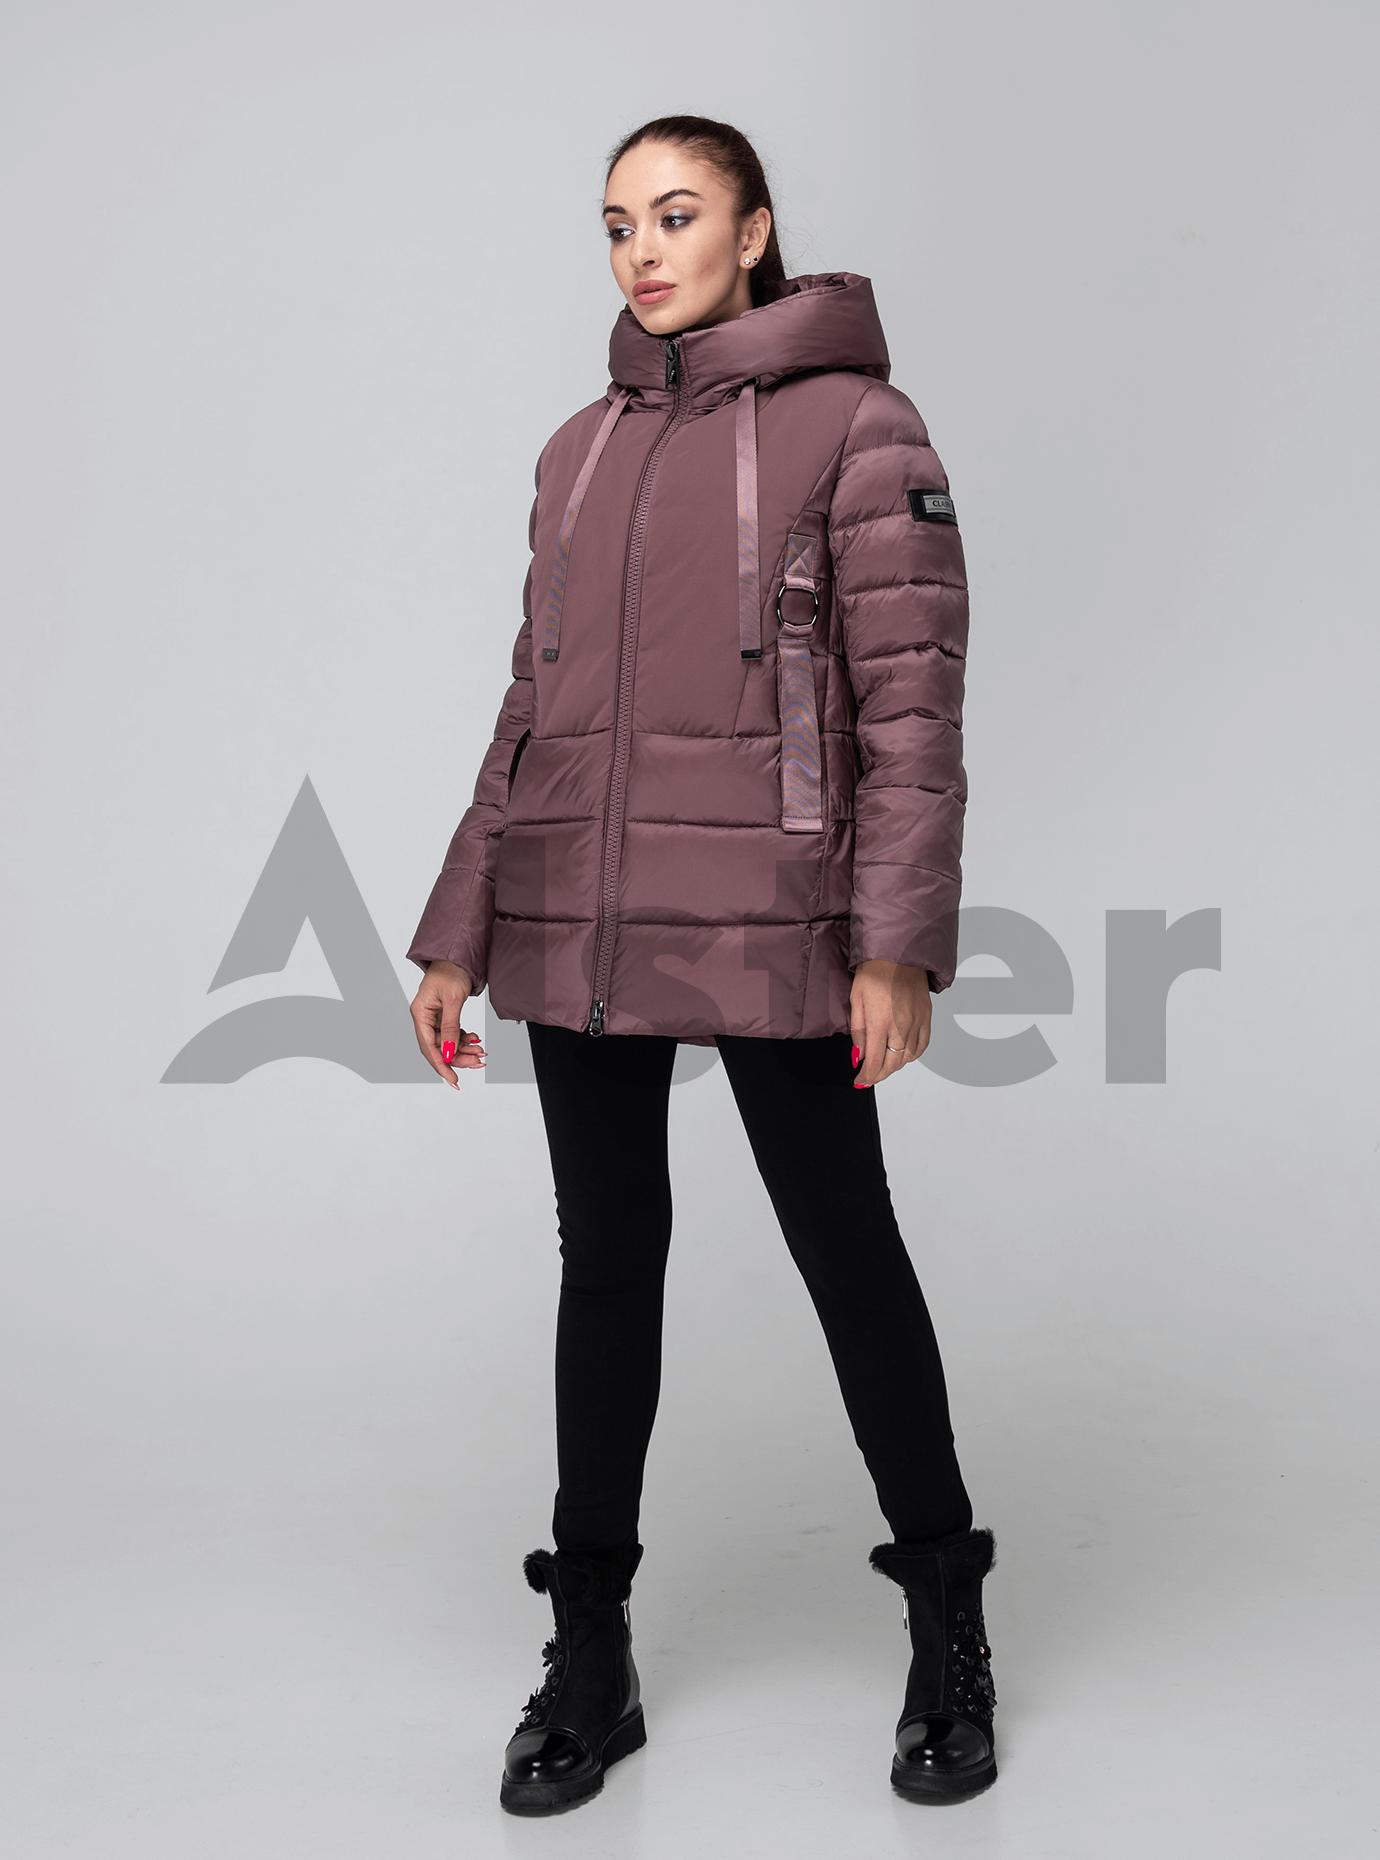 Зимняя женская куртка Какао 2XL (02-190181): фото - Alster.ua